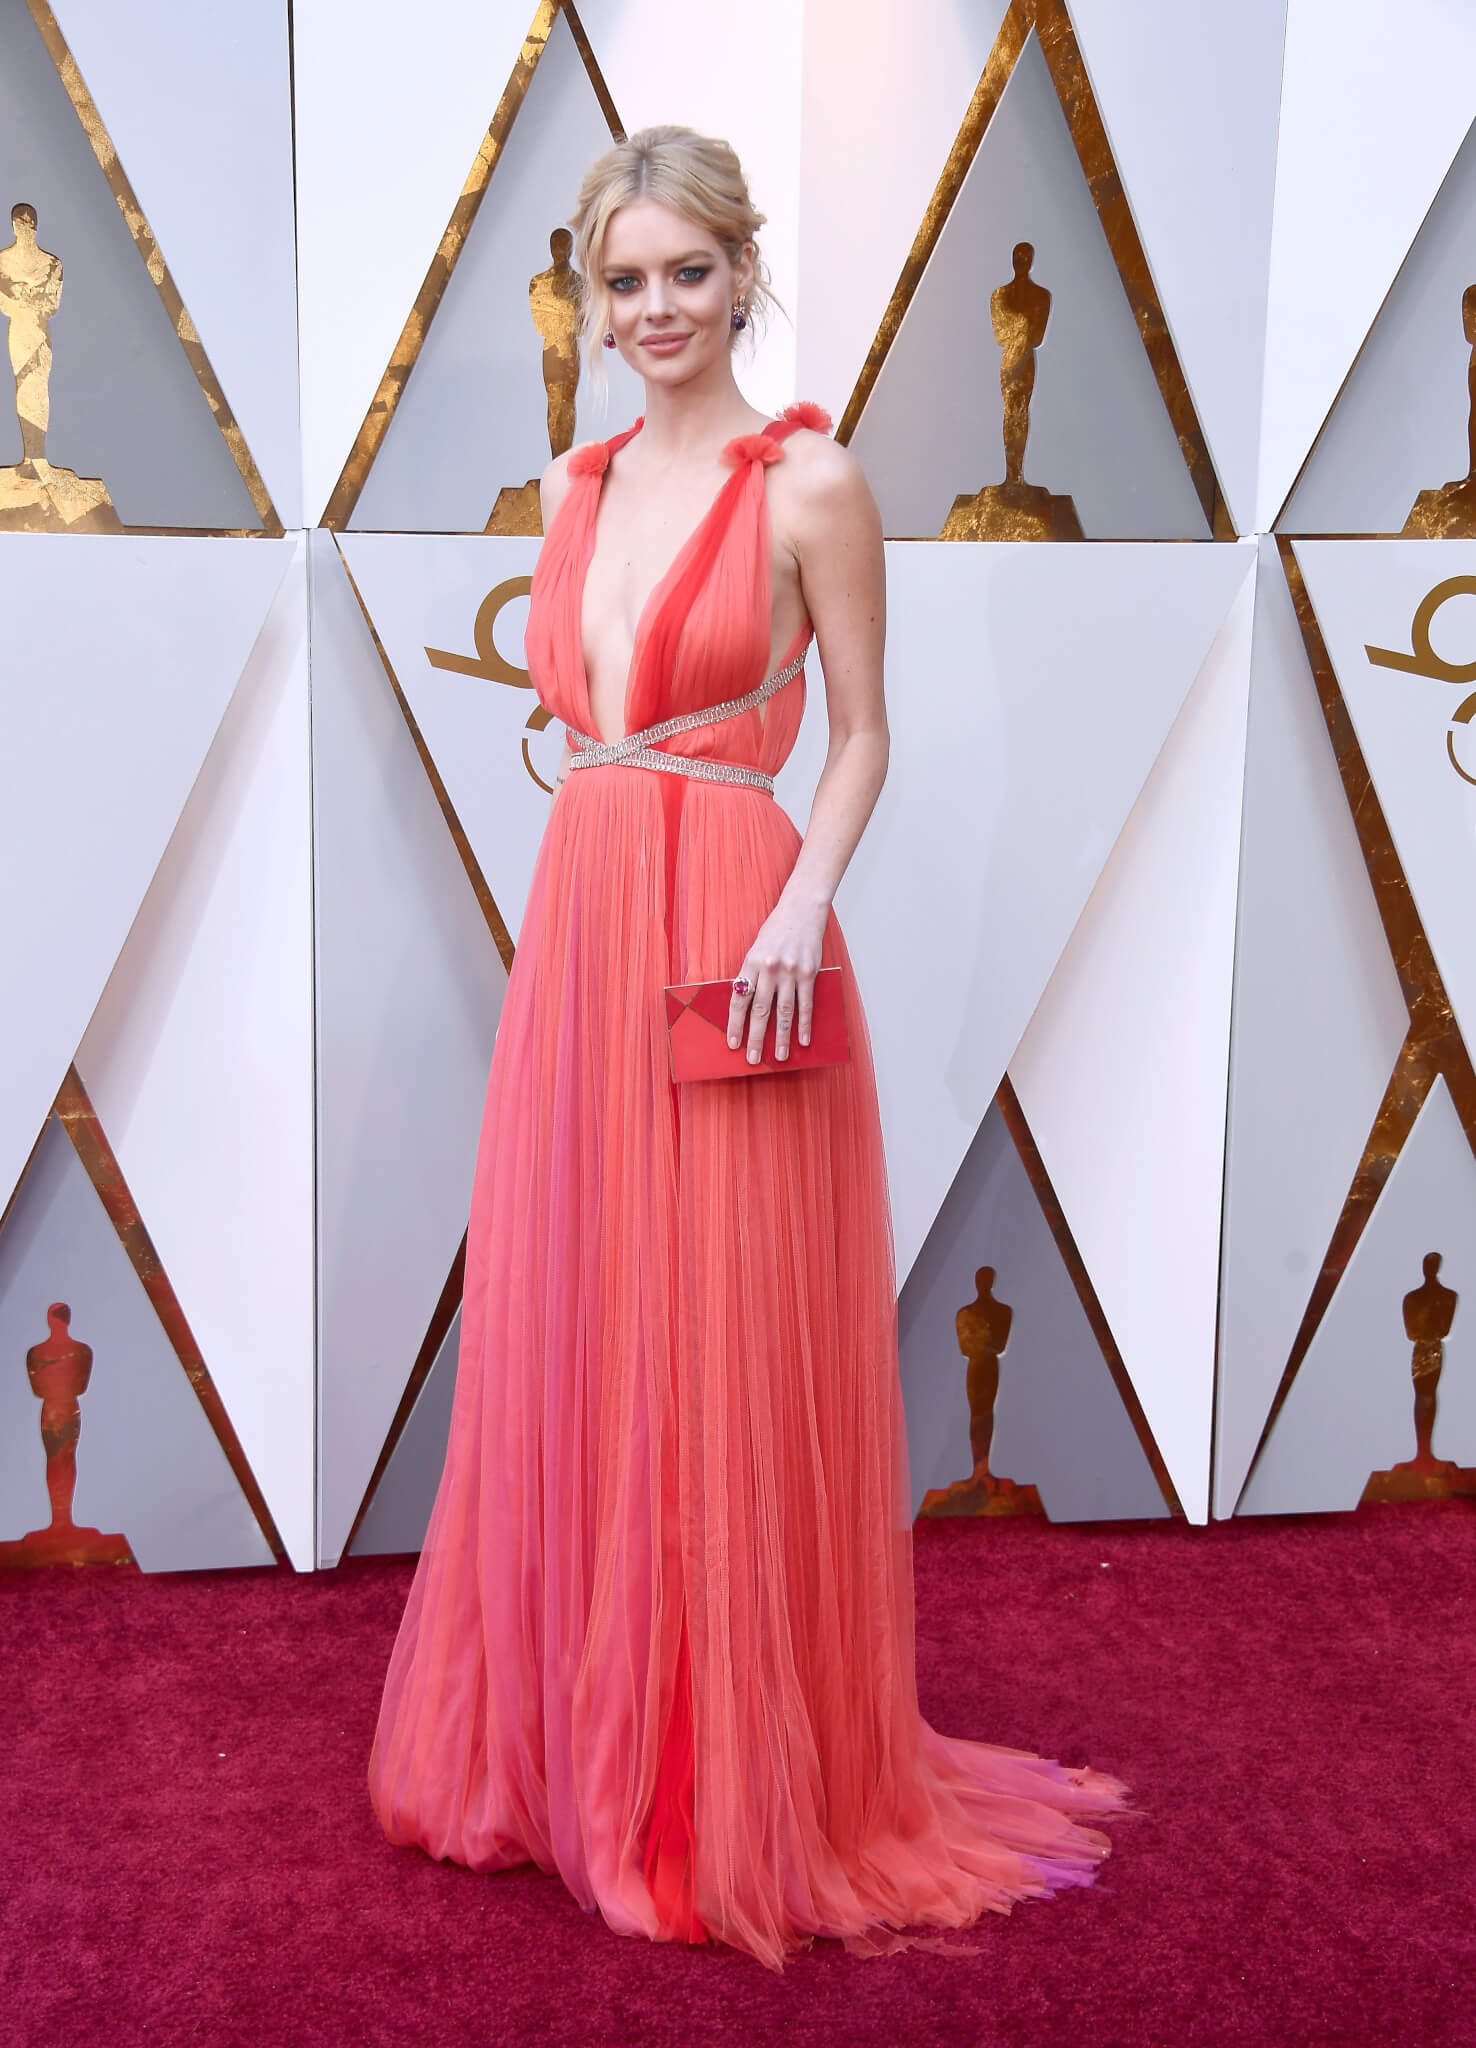 Samara Weaving - Oscars 2018